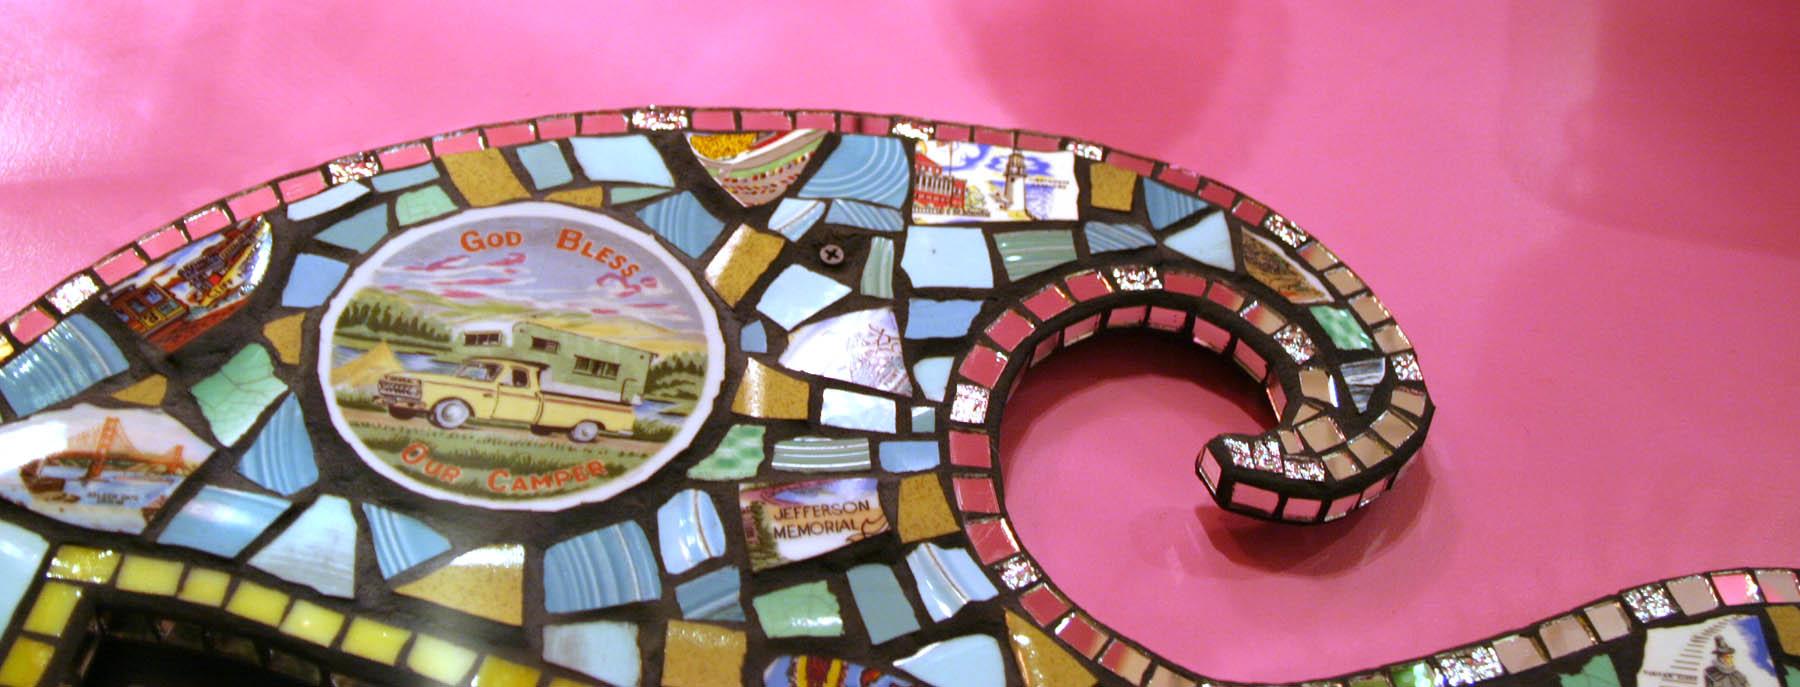 Top of Souvenir Mirror